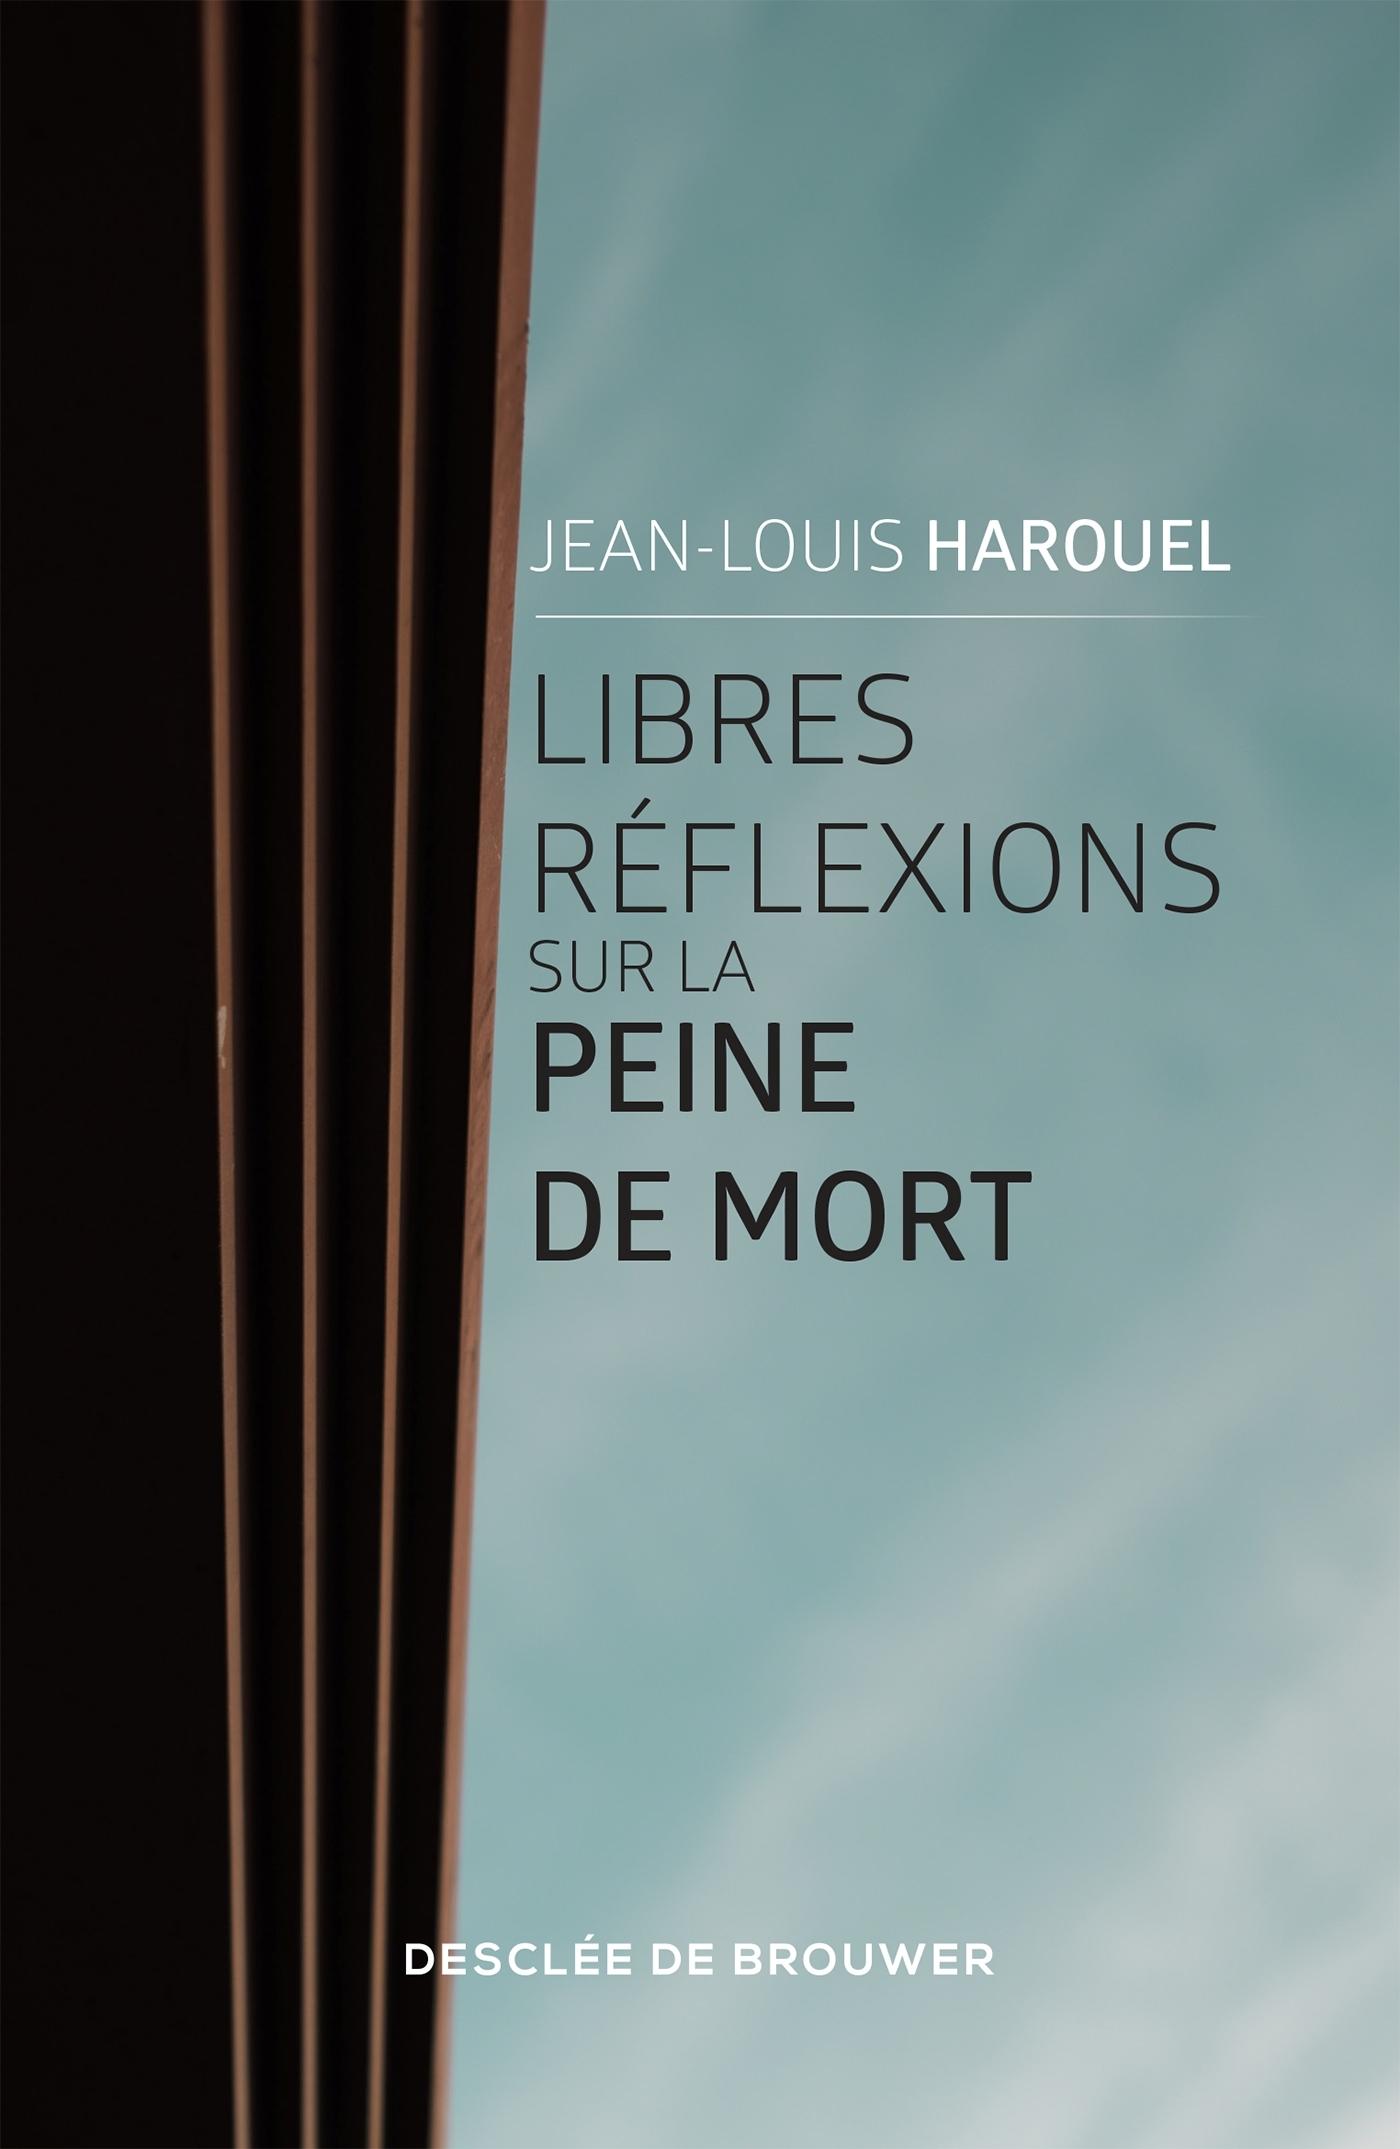 LIBRES REFLEXIONS SUR LA PEINE DE MORT